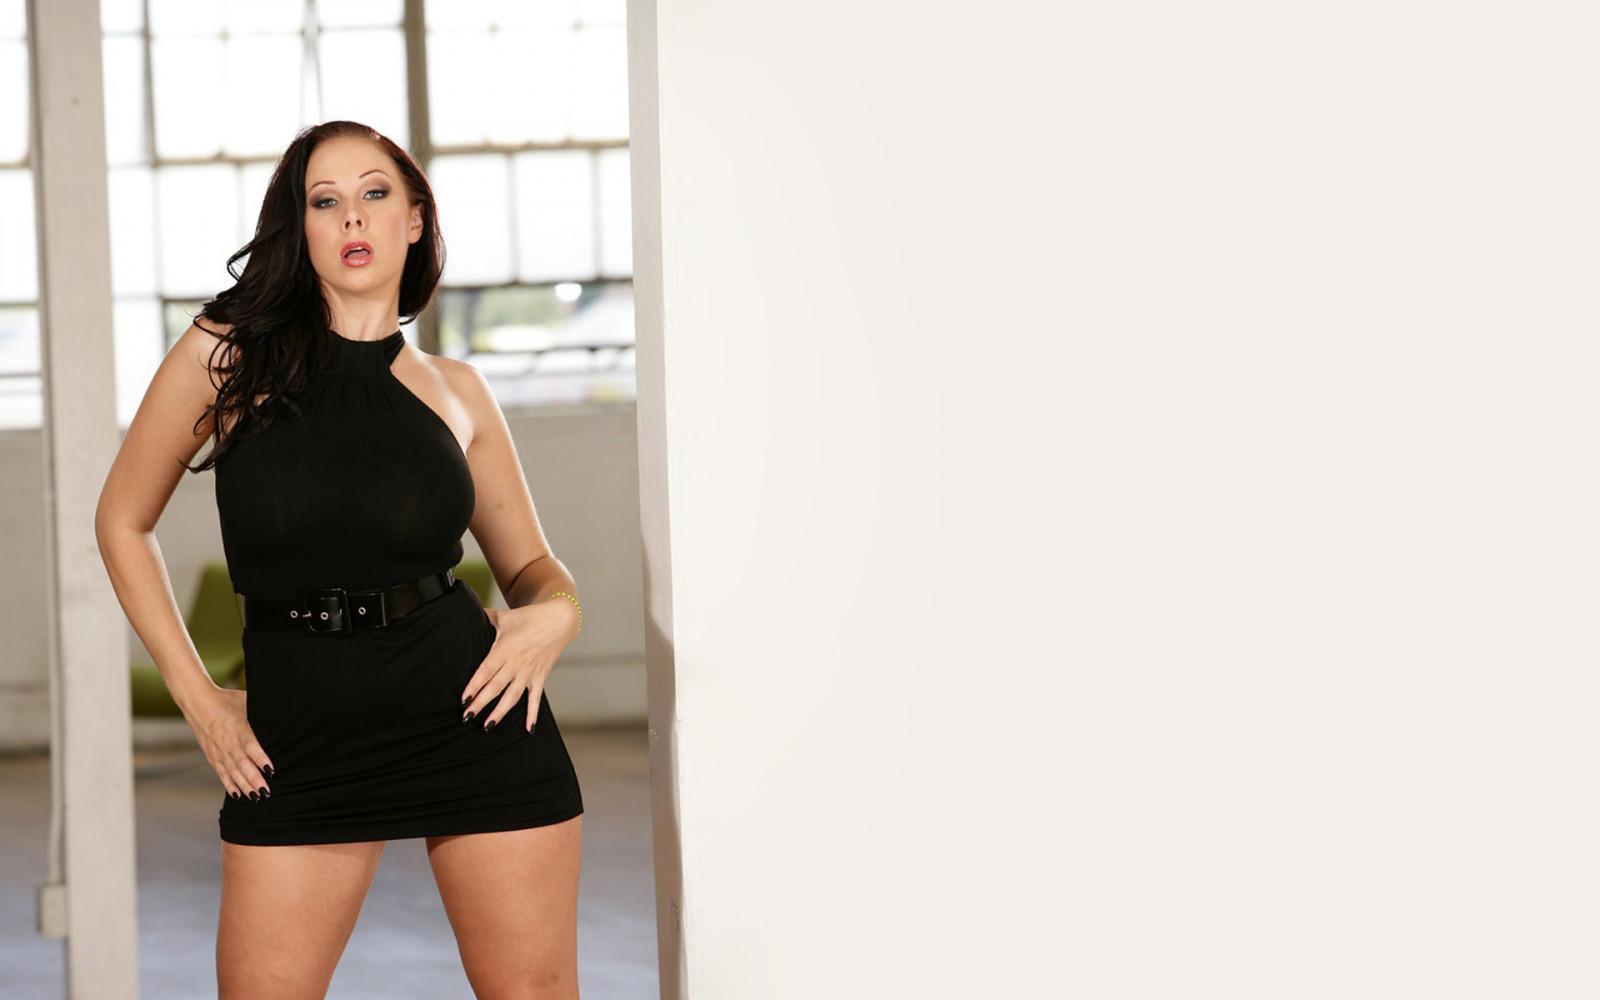 Твиттер gianna michaels, Gianna Michaels порно - HD видео для взрослых 19 фотография